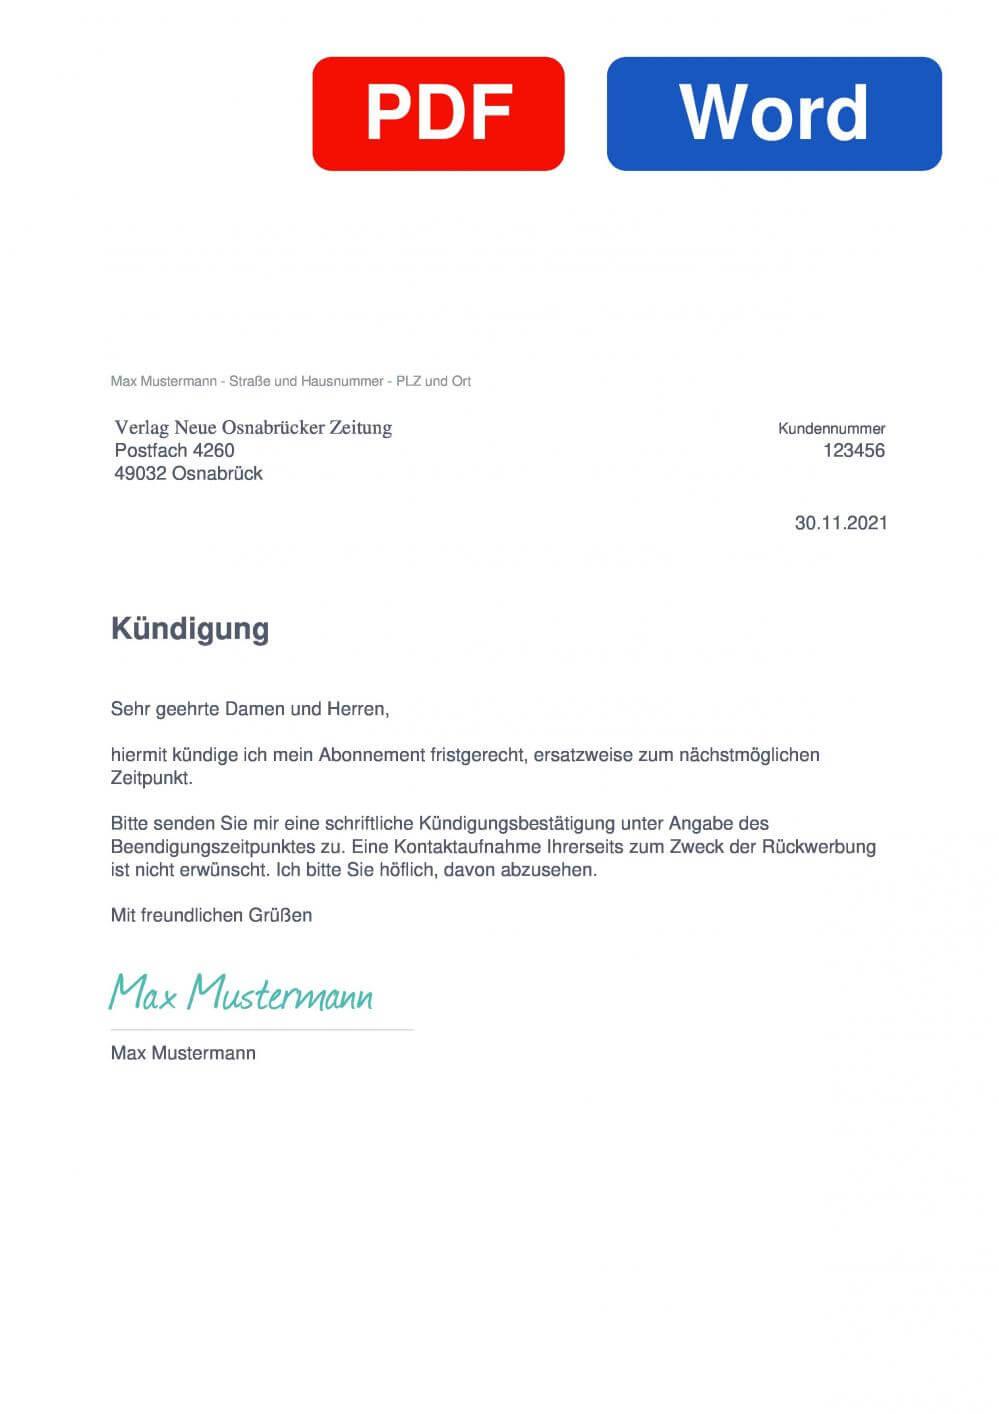 Ems Zeitung Muster Vorlage für Kündigungsschreiben